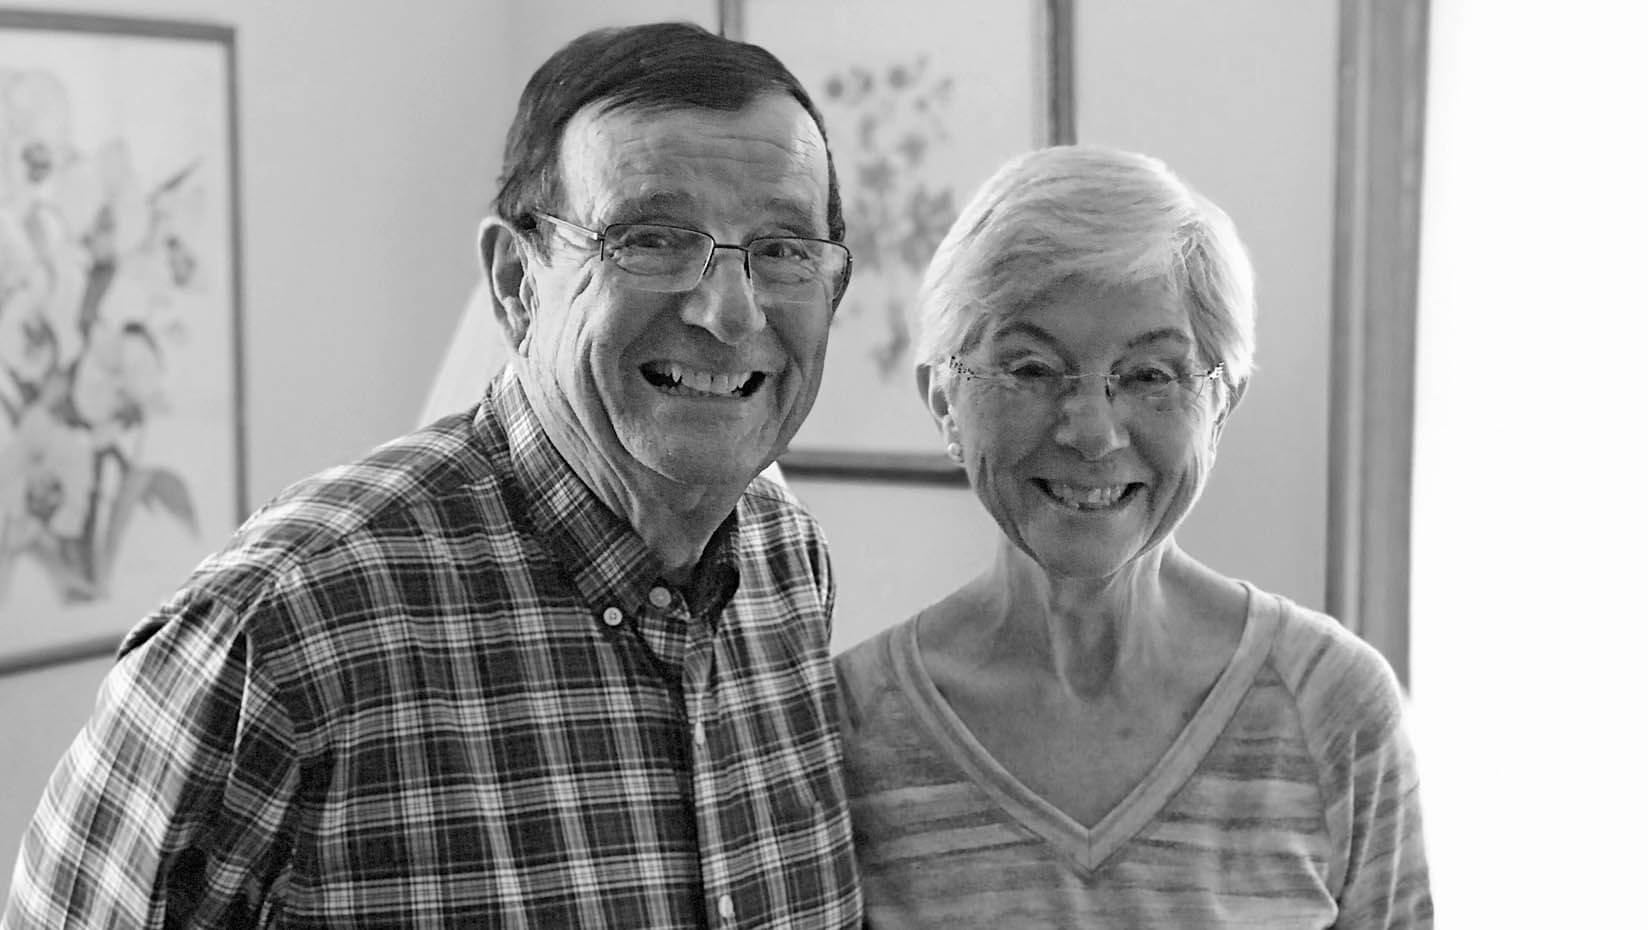 Joe and Sue Cyr